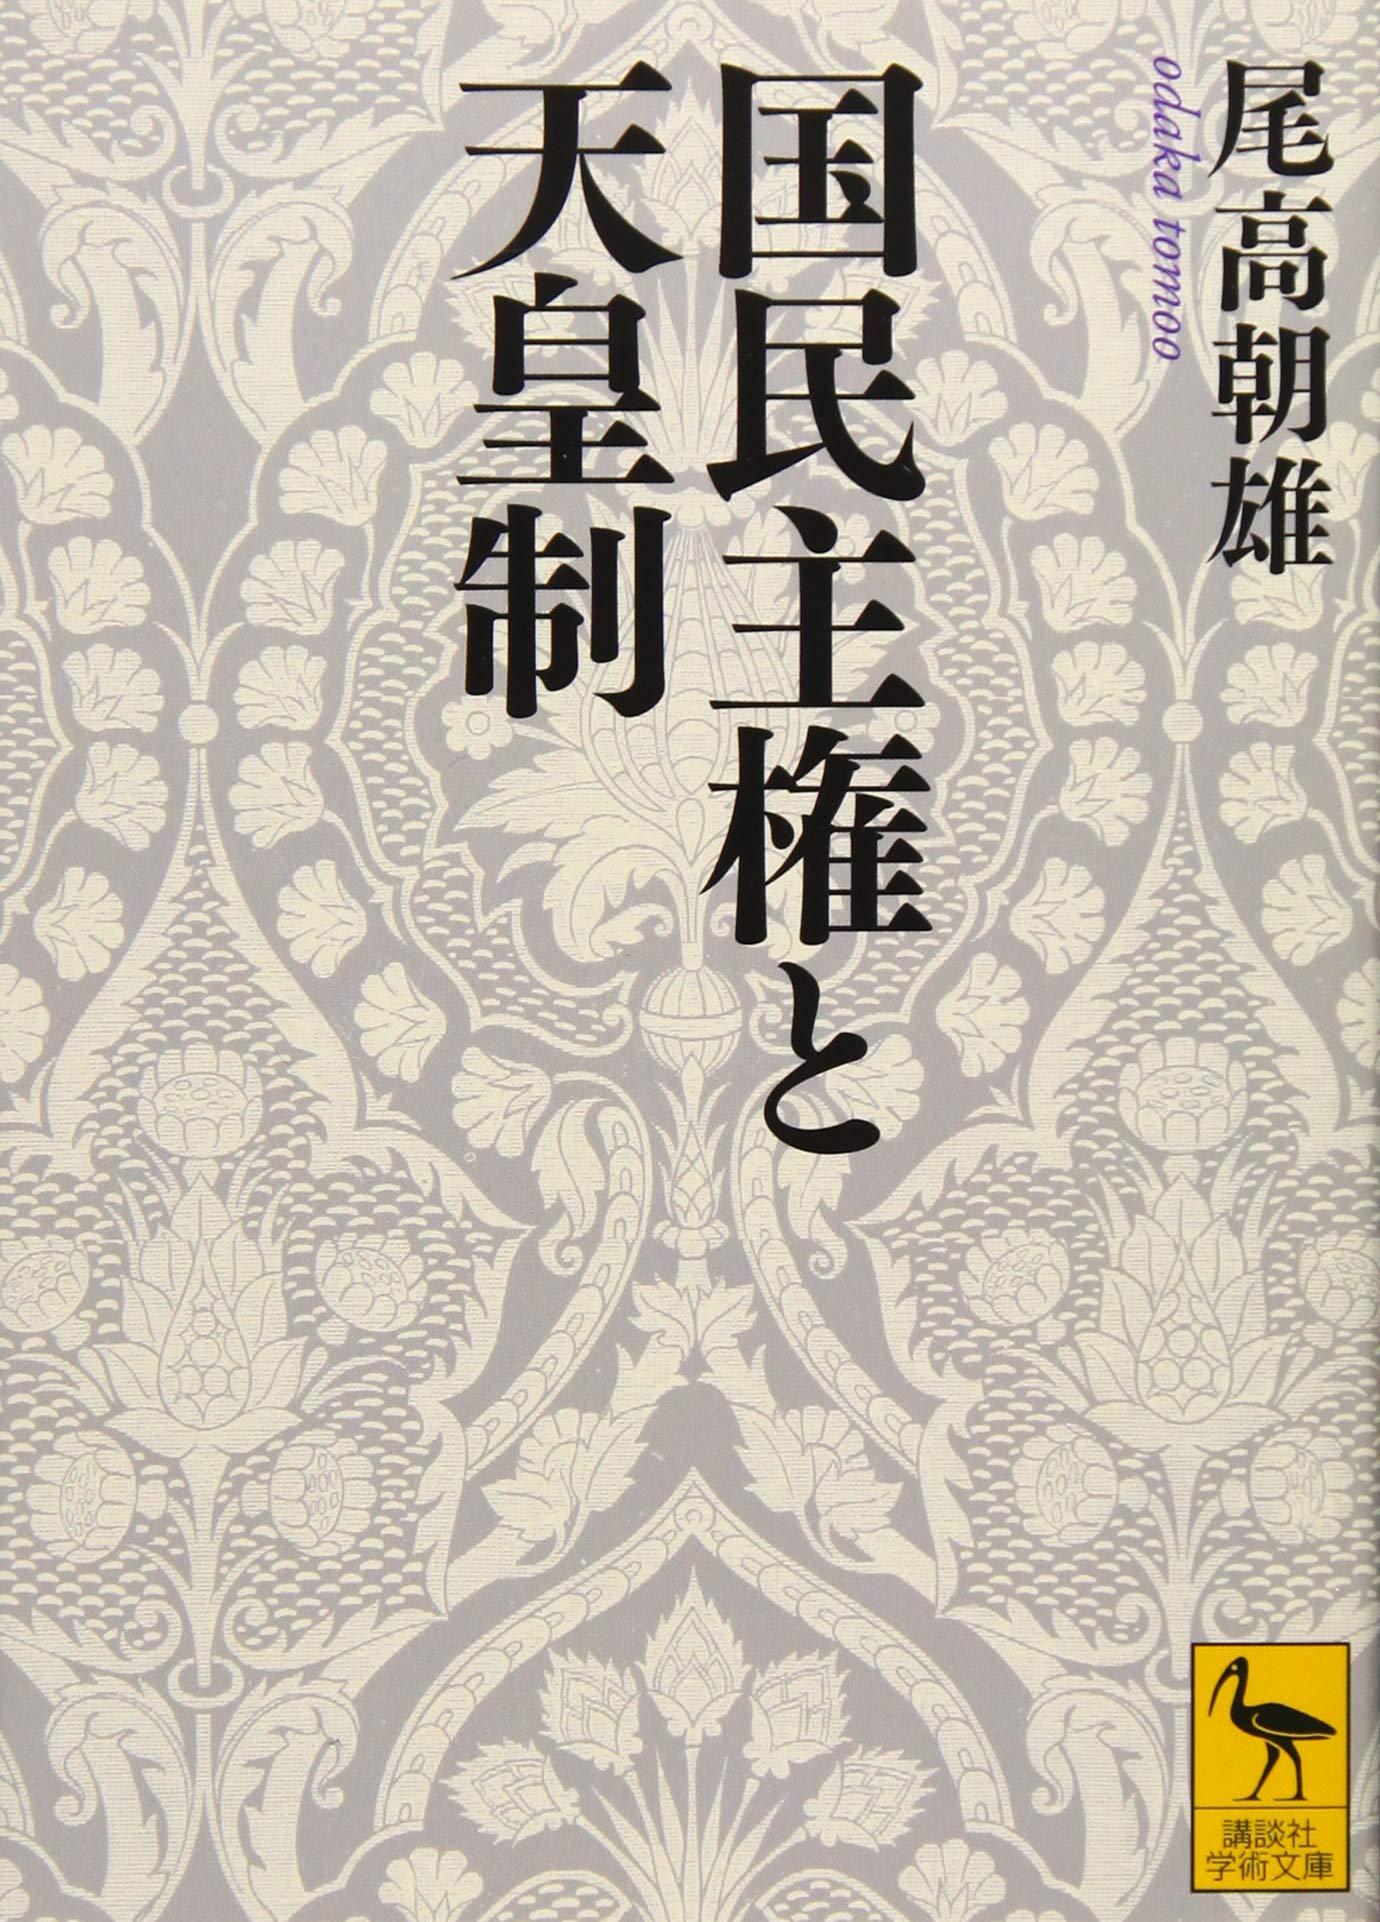 国民主権と天皇制 (講談社学術文庫) | 尾高 朝雄 |本 | 通販 | Amazon